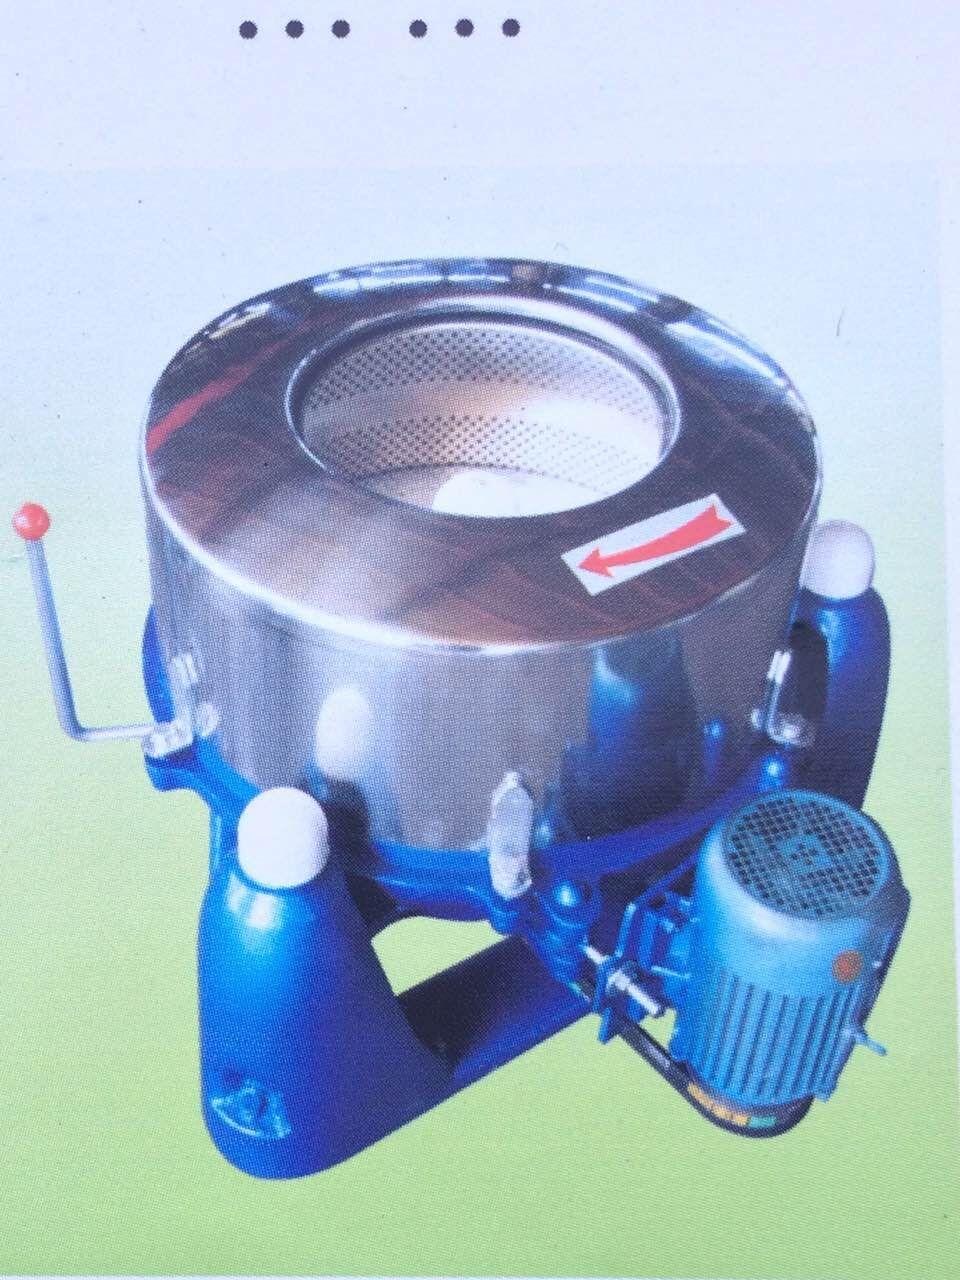 【图文】鉴别分散染料品质的方法 分散染料高温高压染涤纶与浴比大小关系